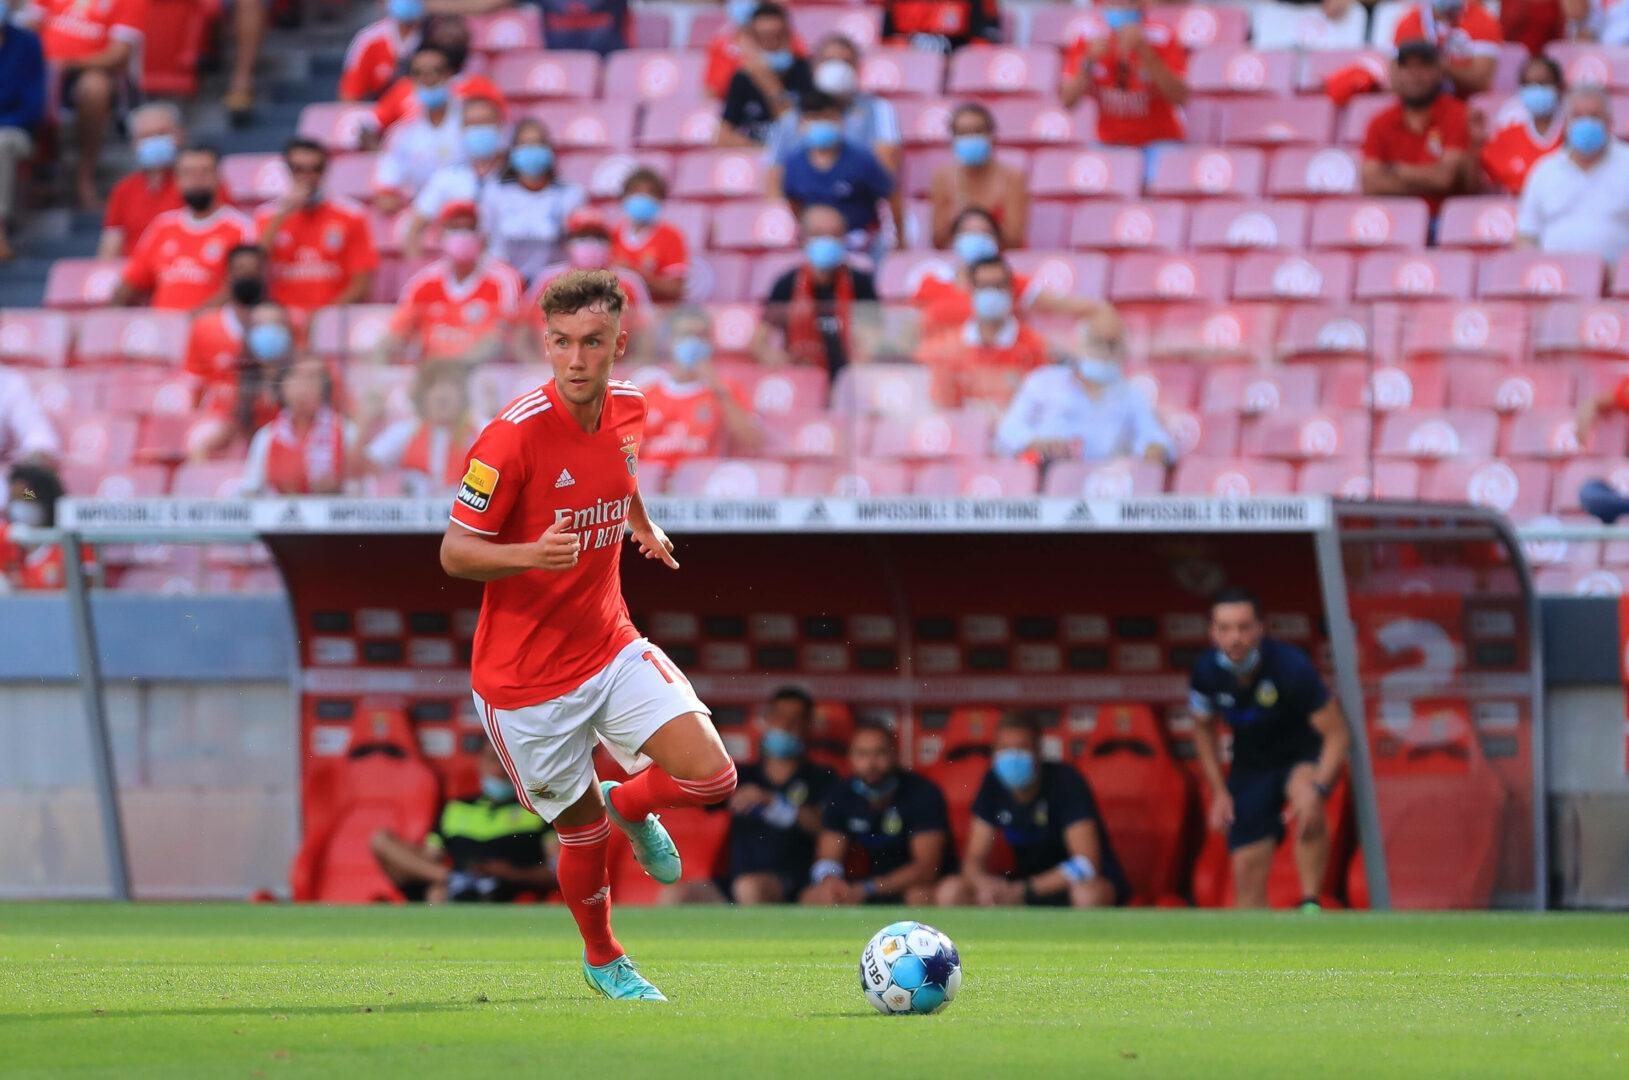 Luca Waldschmidt von Benfica führt den Ball